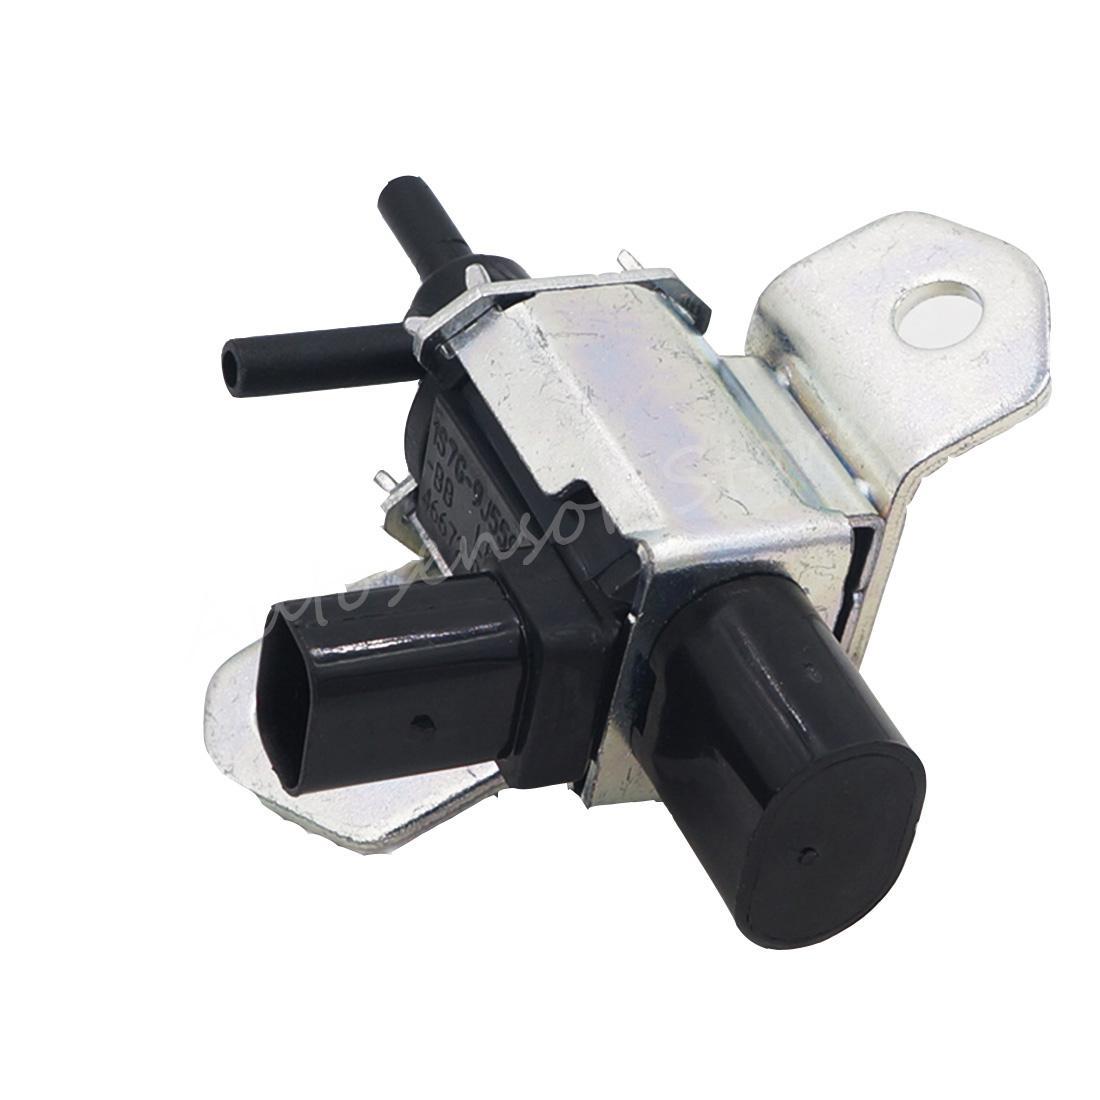 Высокое качество 1s7g-9J559-BB ISANCE впускной коллектор управления электромагнитный клапан для Ford Focus Fusion Escape Escape Hybrid